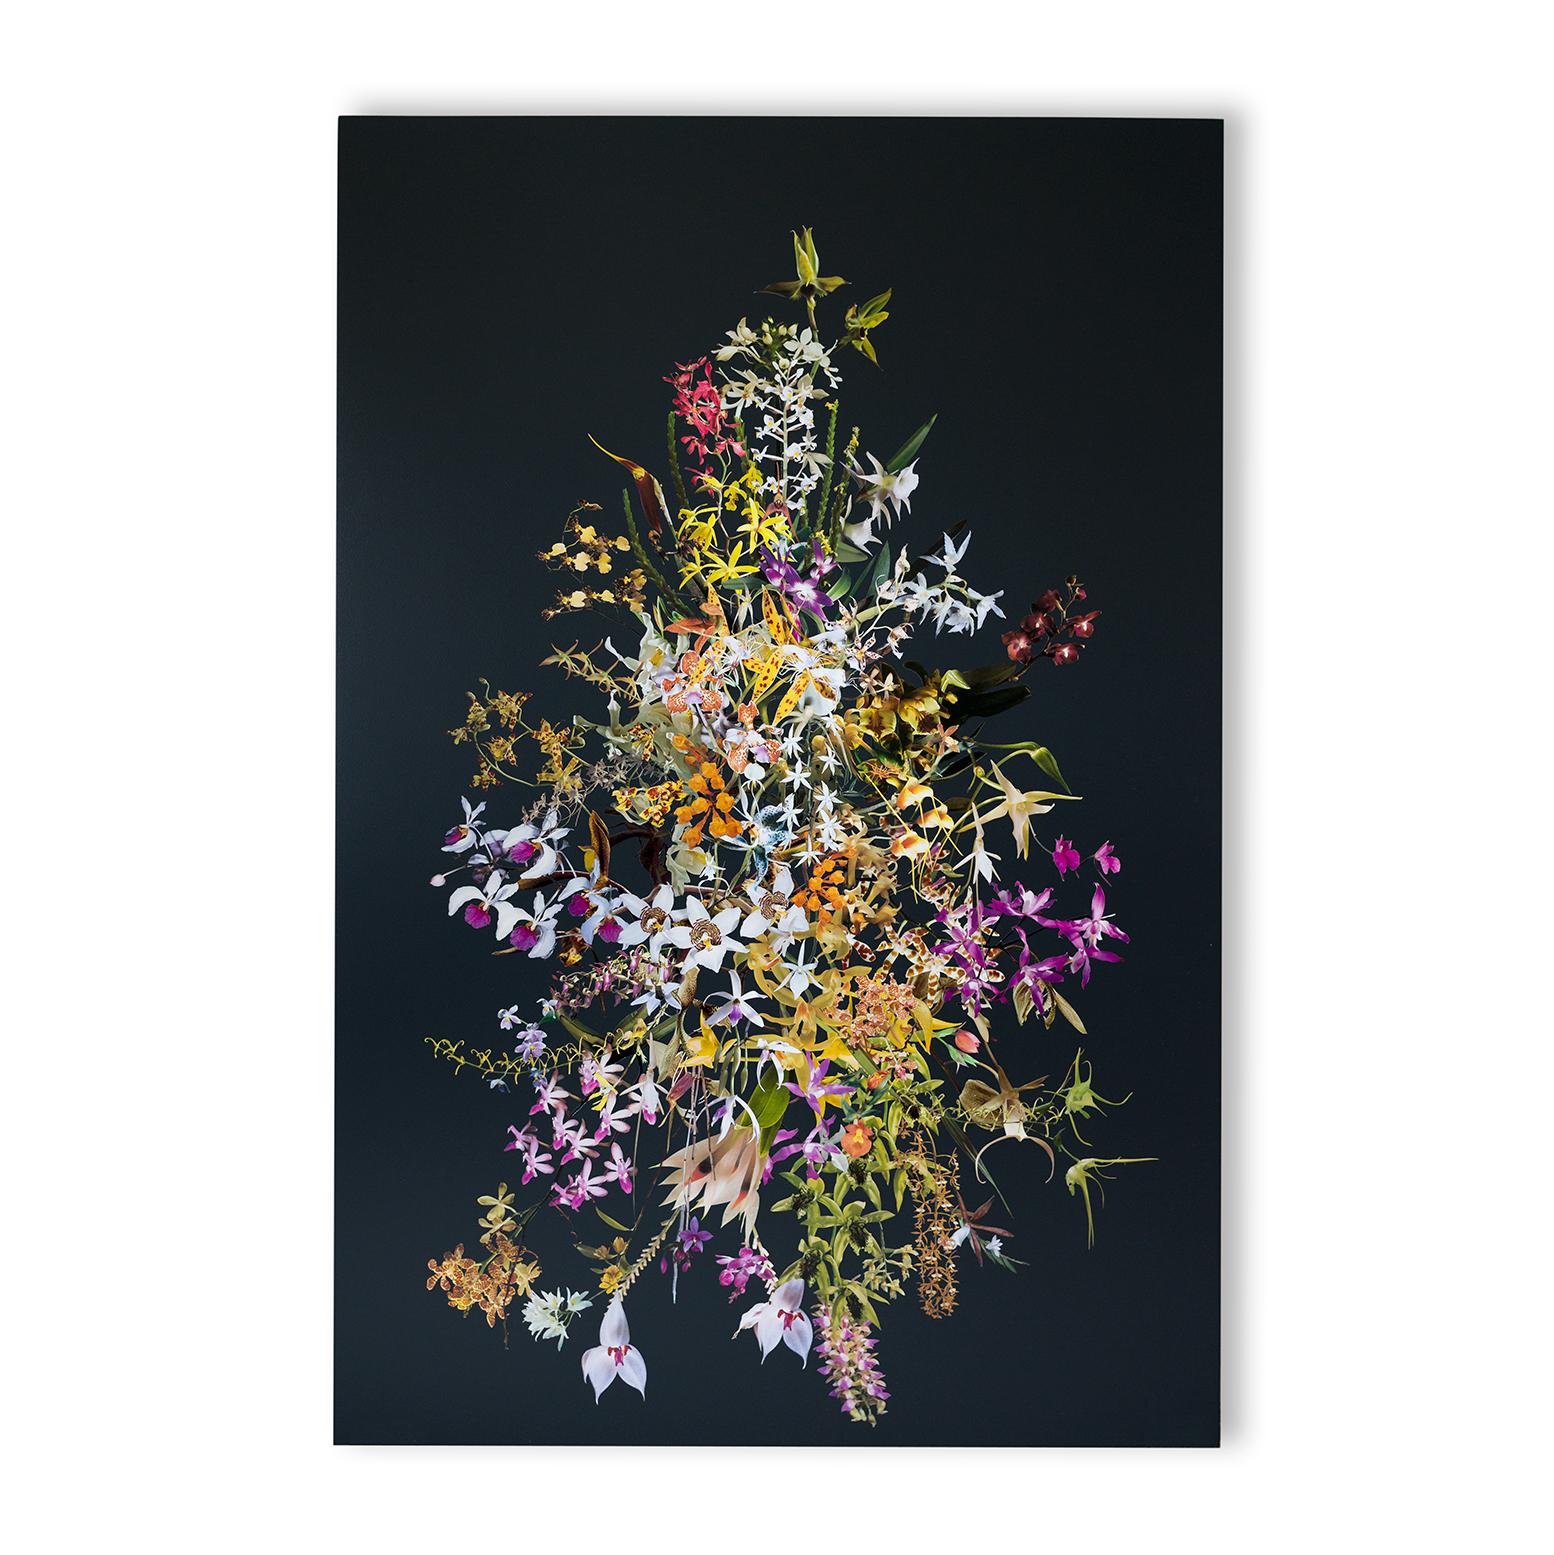 StephenEichhorn-Orchids-16.jpg